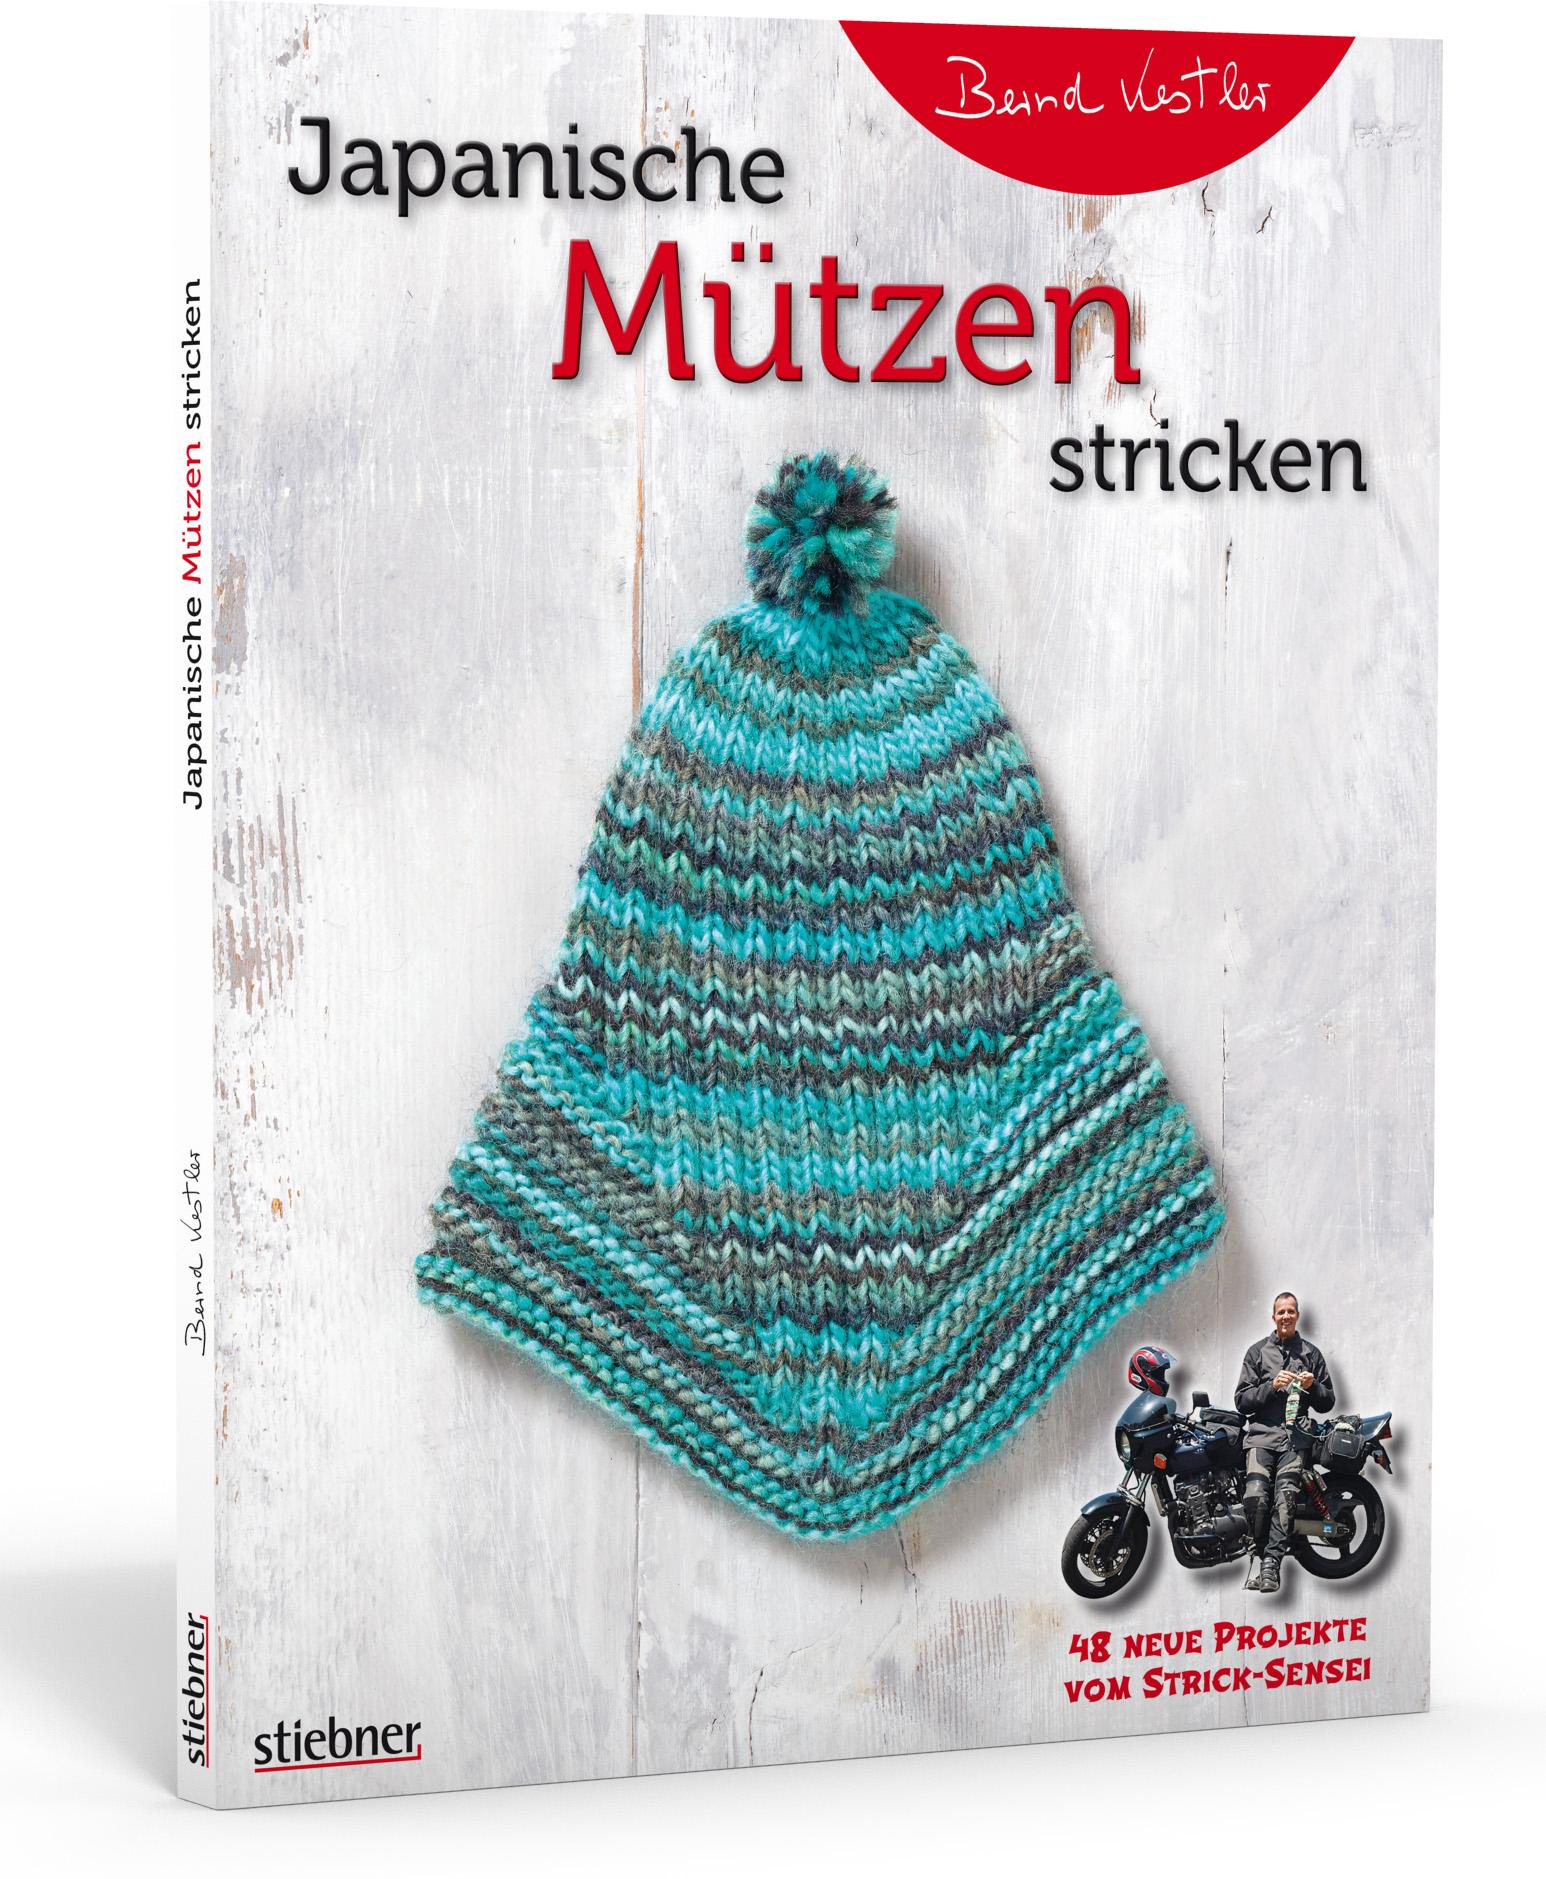 Japanische Mützen stricken (Bernd Kestler)